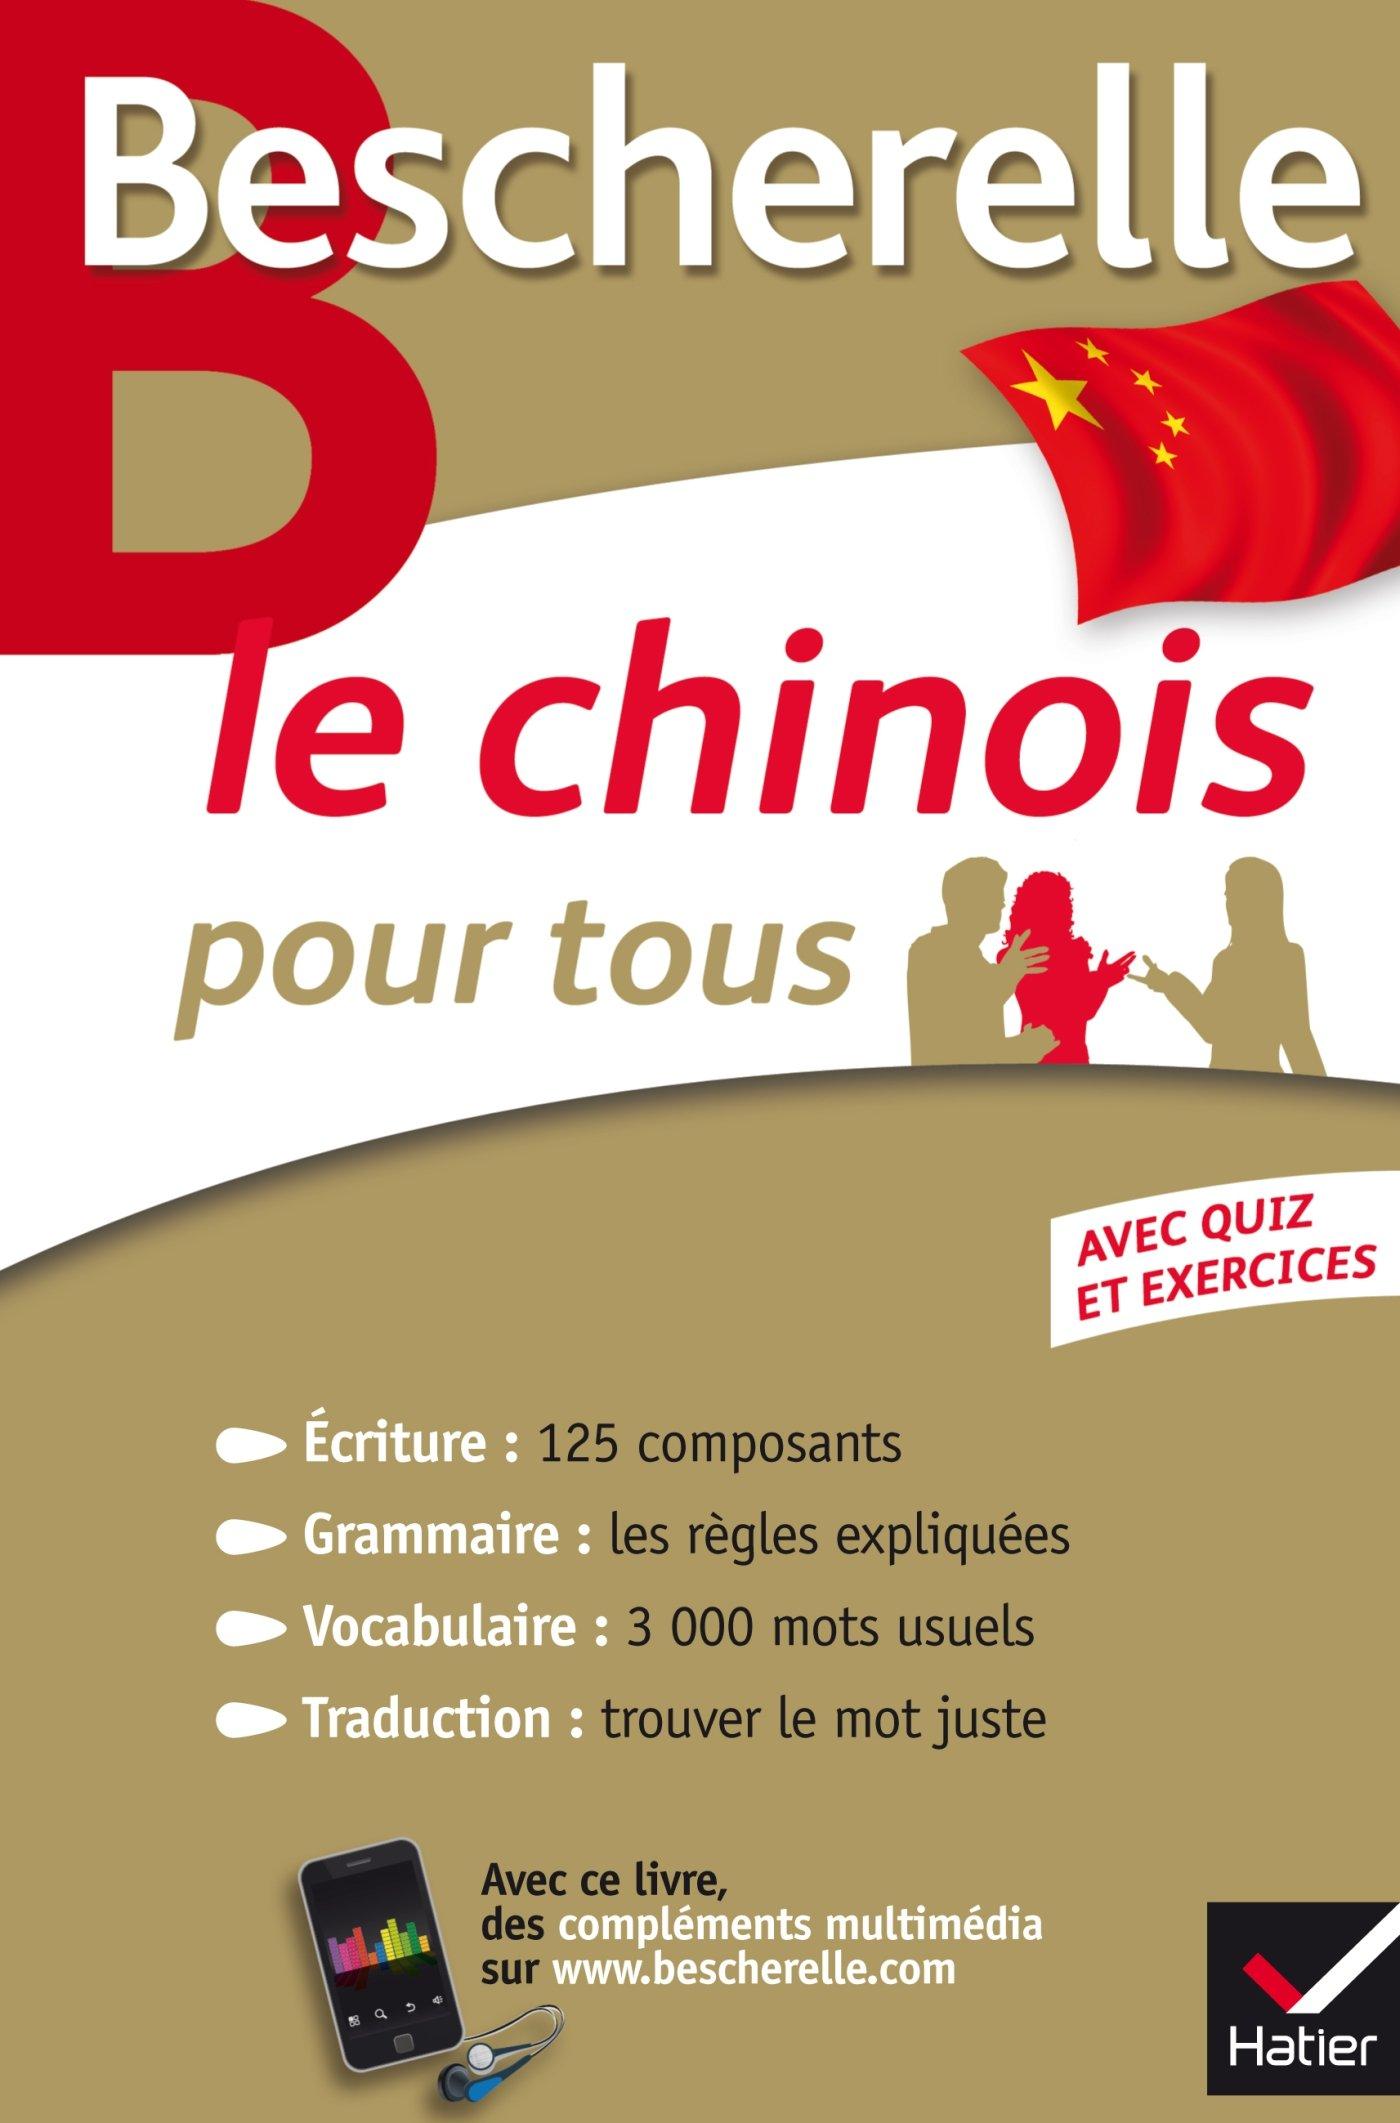 Amazon.fr - Bescherelle Le chinois pour tous: Écriture, Grammaire,  Vocabulaire... - Joël Bellassen, Arnaud Arslangul - Livres